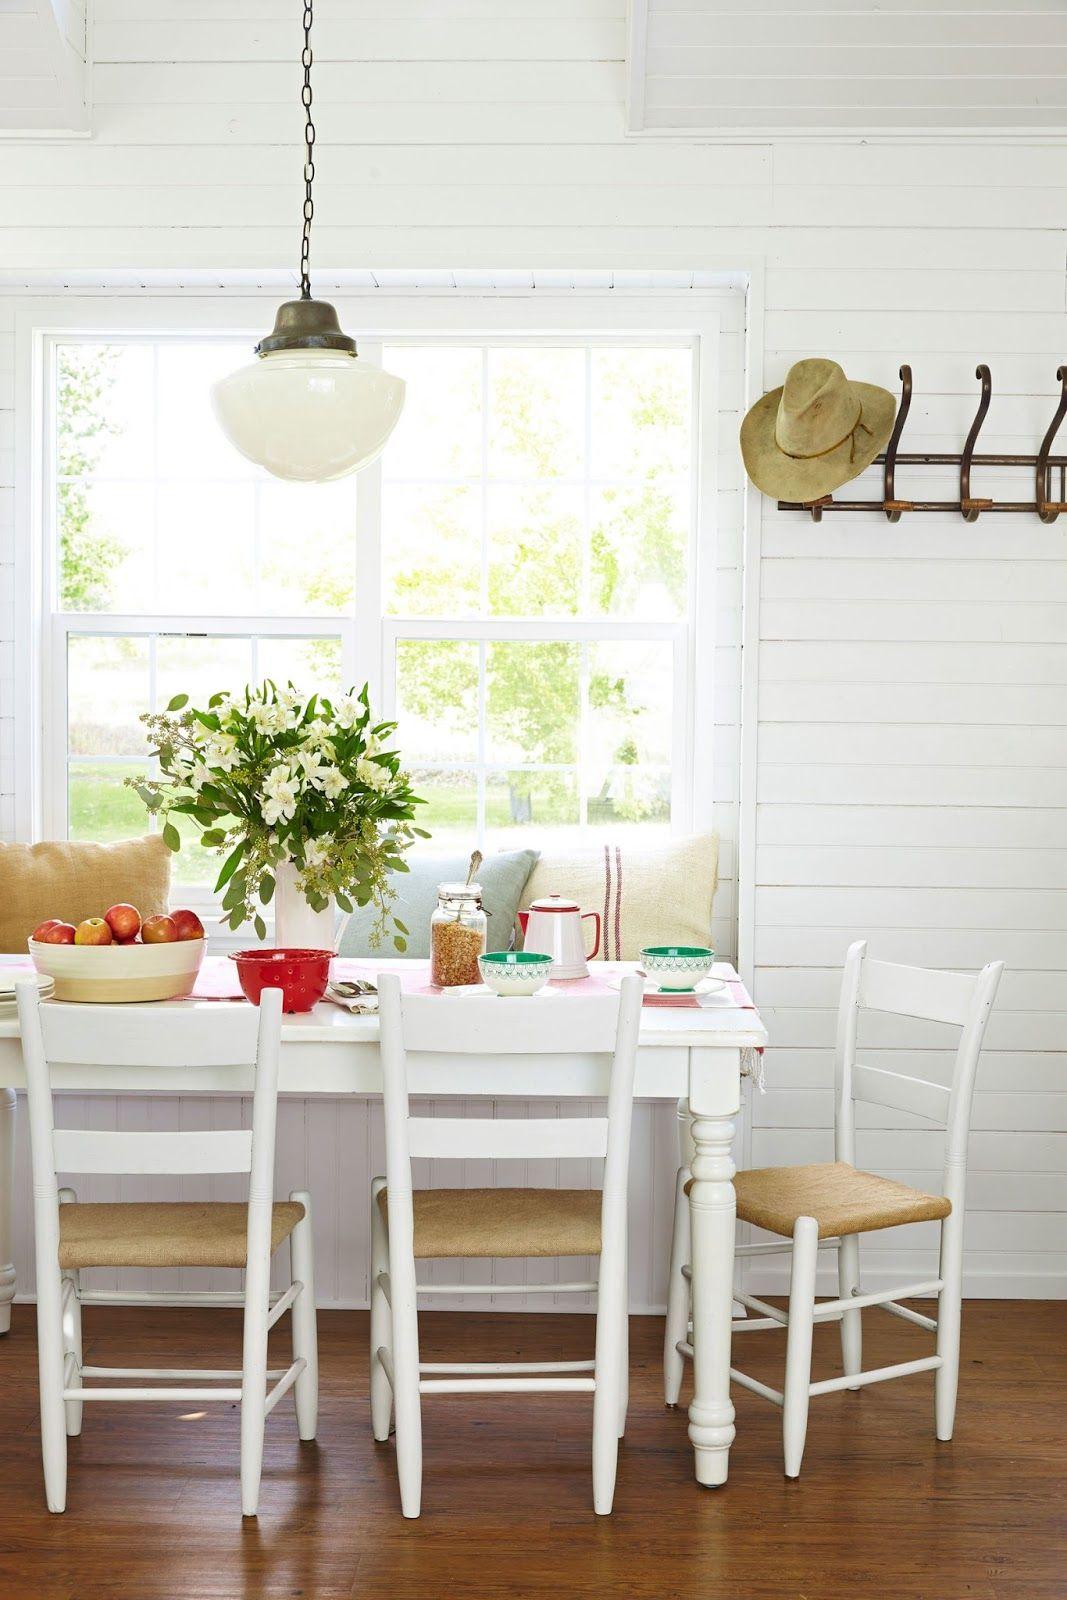 17 fotos de decoración de comedores rústicos para inspirarte | Room